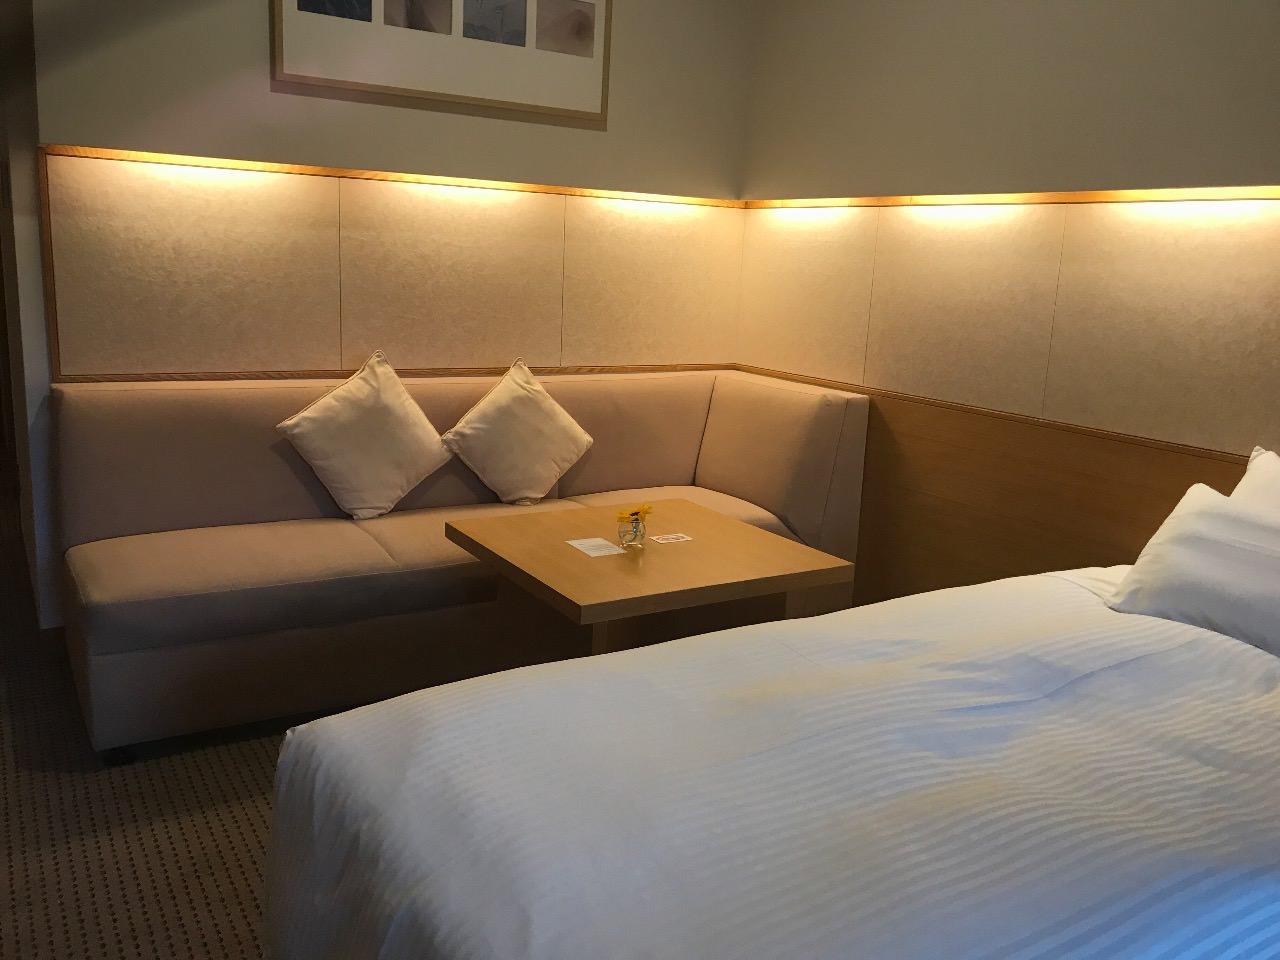 札幌 ホテル クラビー 部屋 ソファ